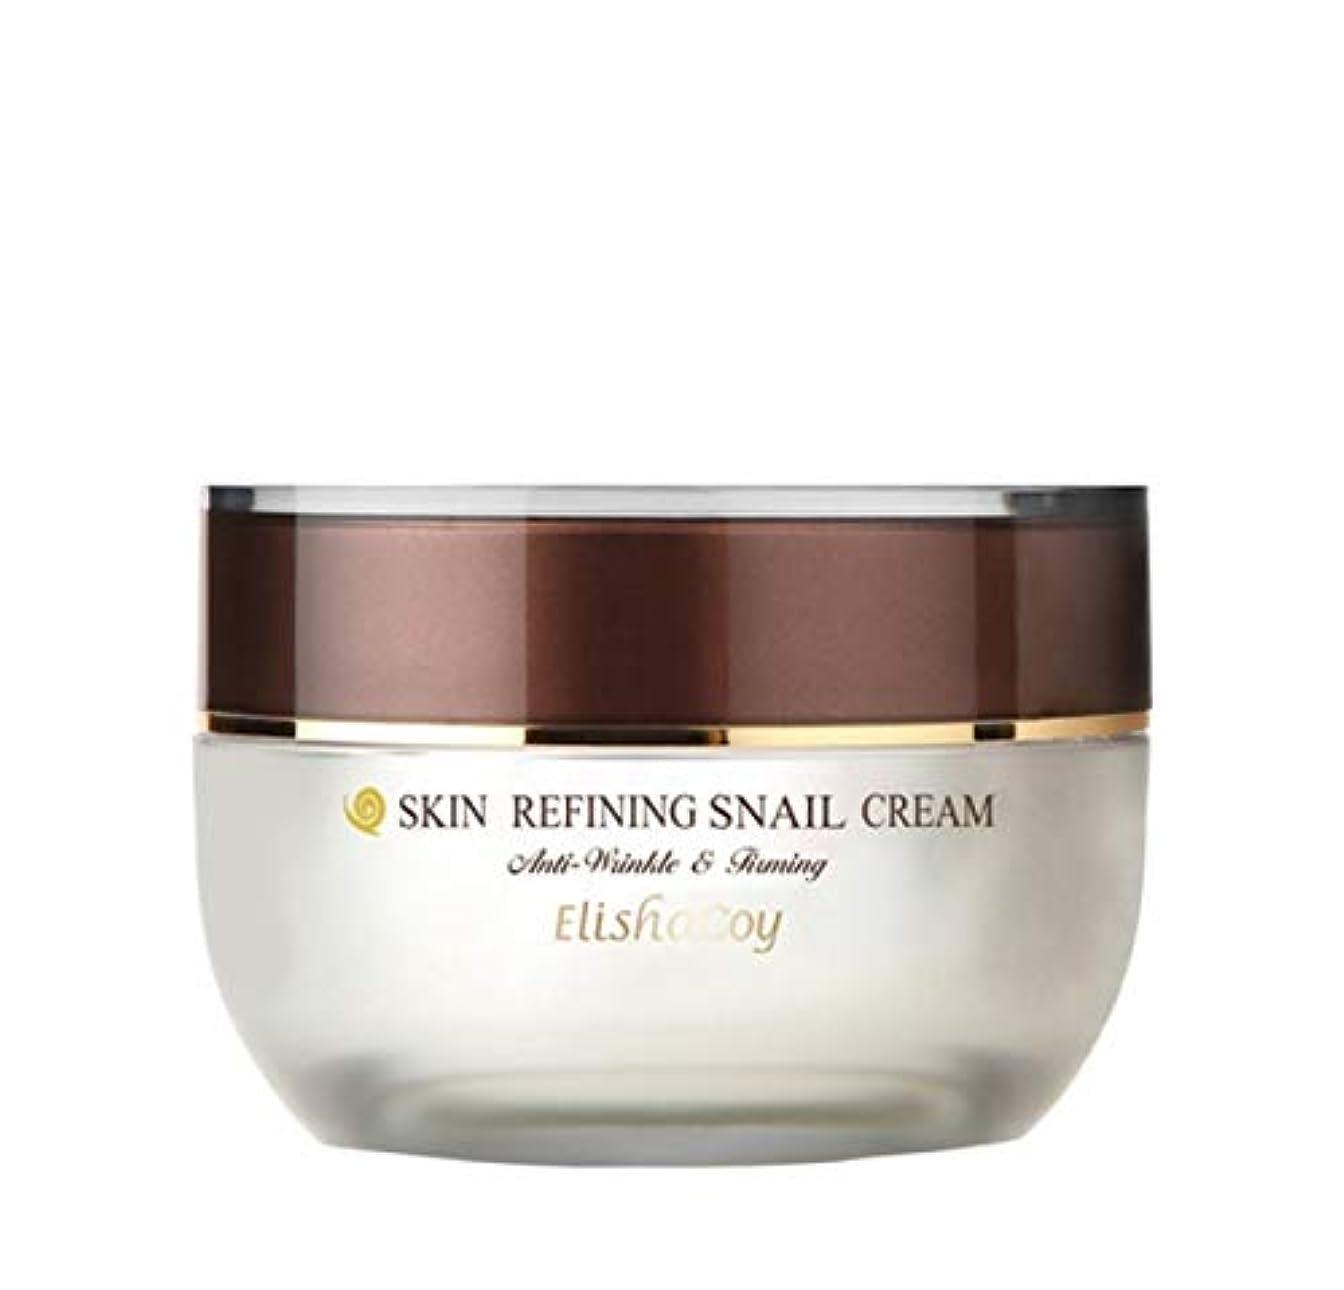 ペア道路を作るプロセス忙しいエリシャコイ Elishacoy SKIN REFINING SNAIL 韓国の人気水分クリーム CREAM 50g 保湿最強 Korean Beauty Womens Cosmetics Skin Care